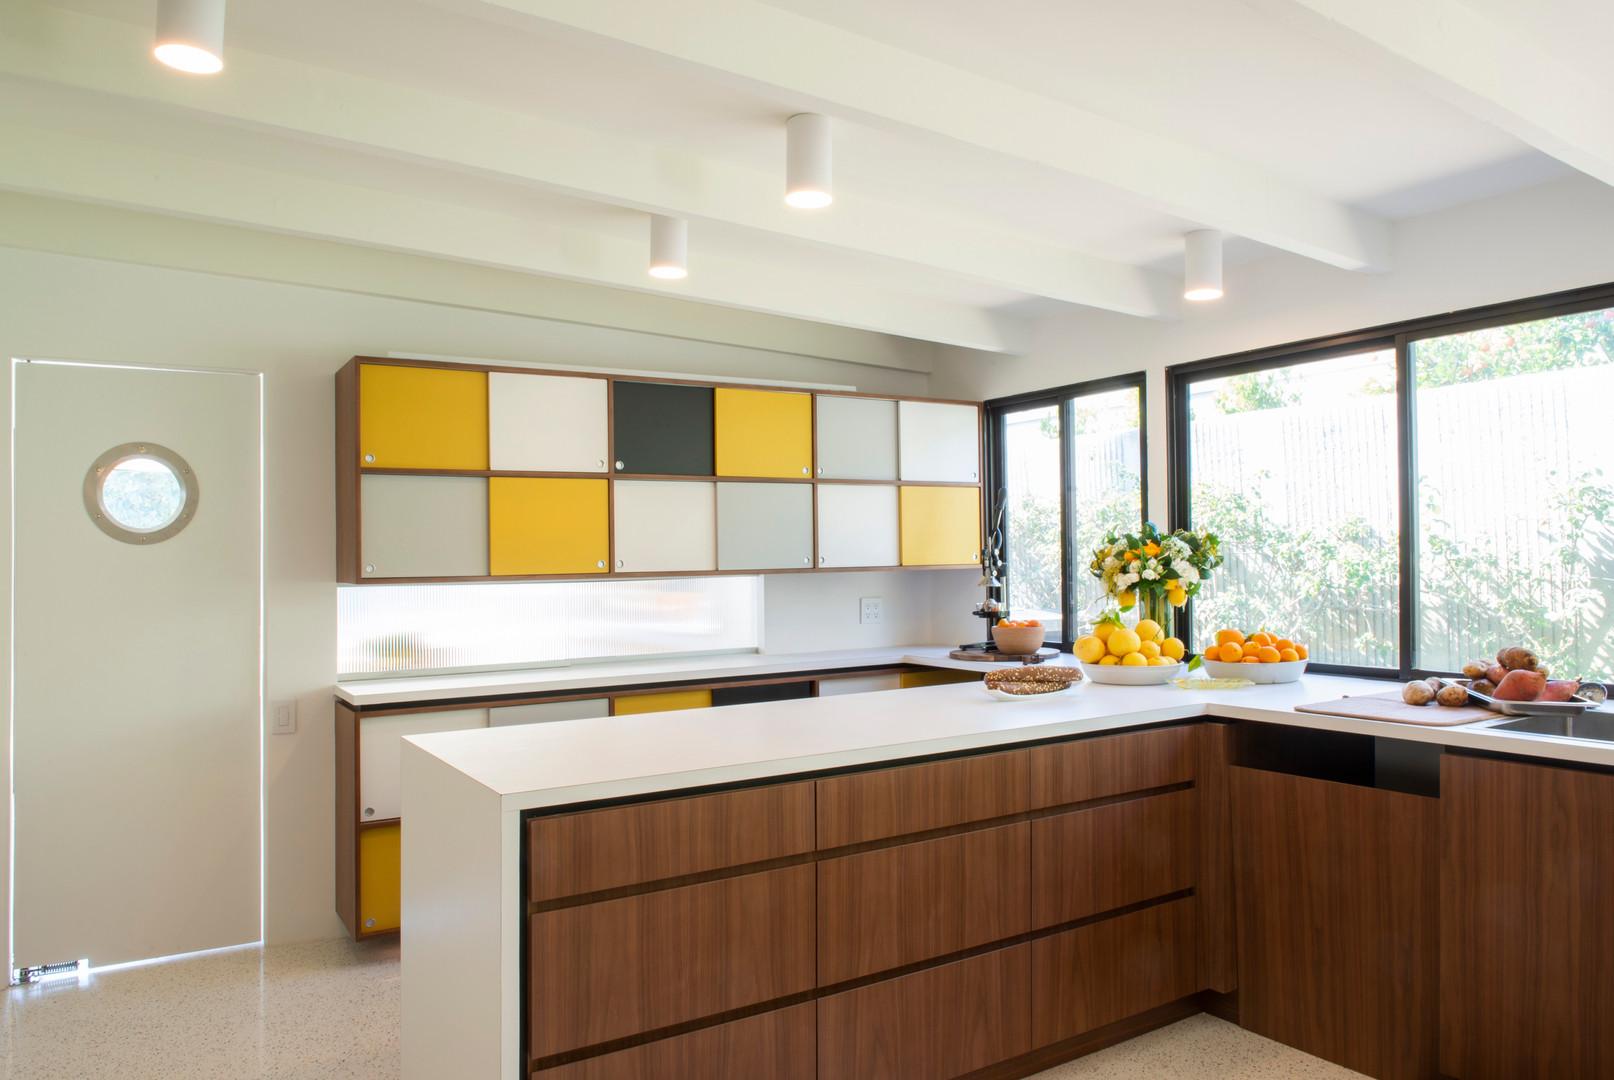 DCAP_Kirk Douglas Kitchen_Completed_prel